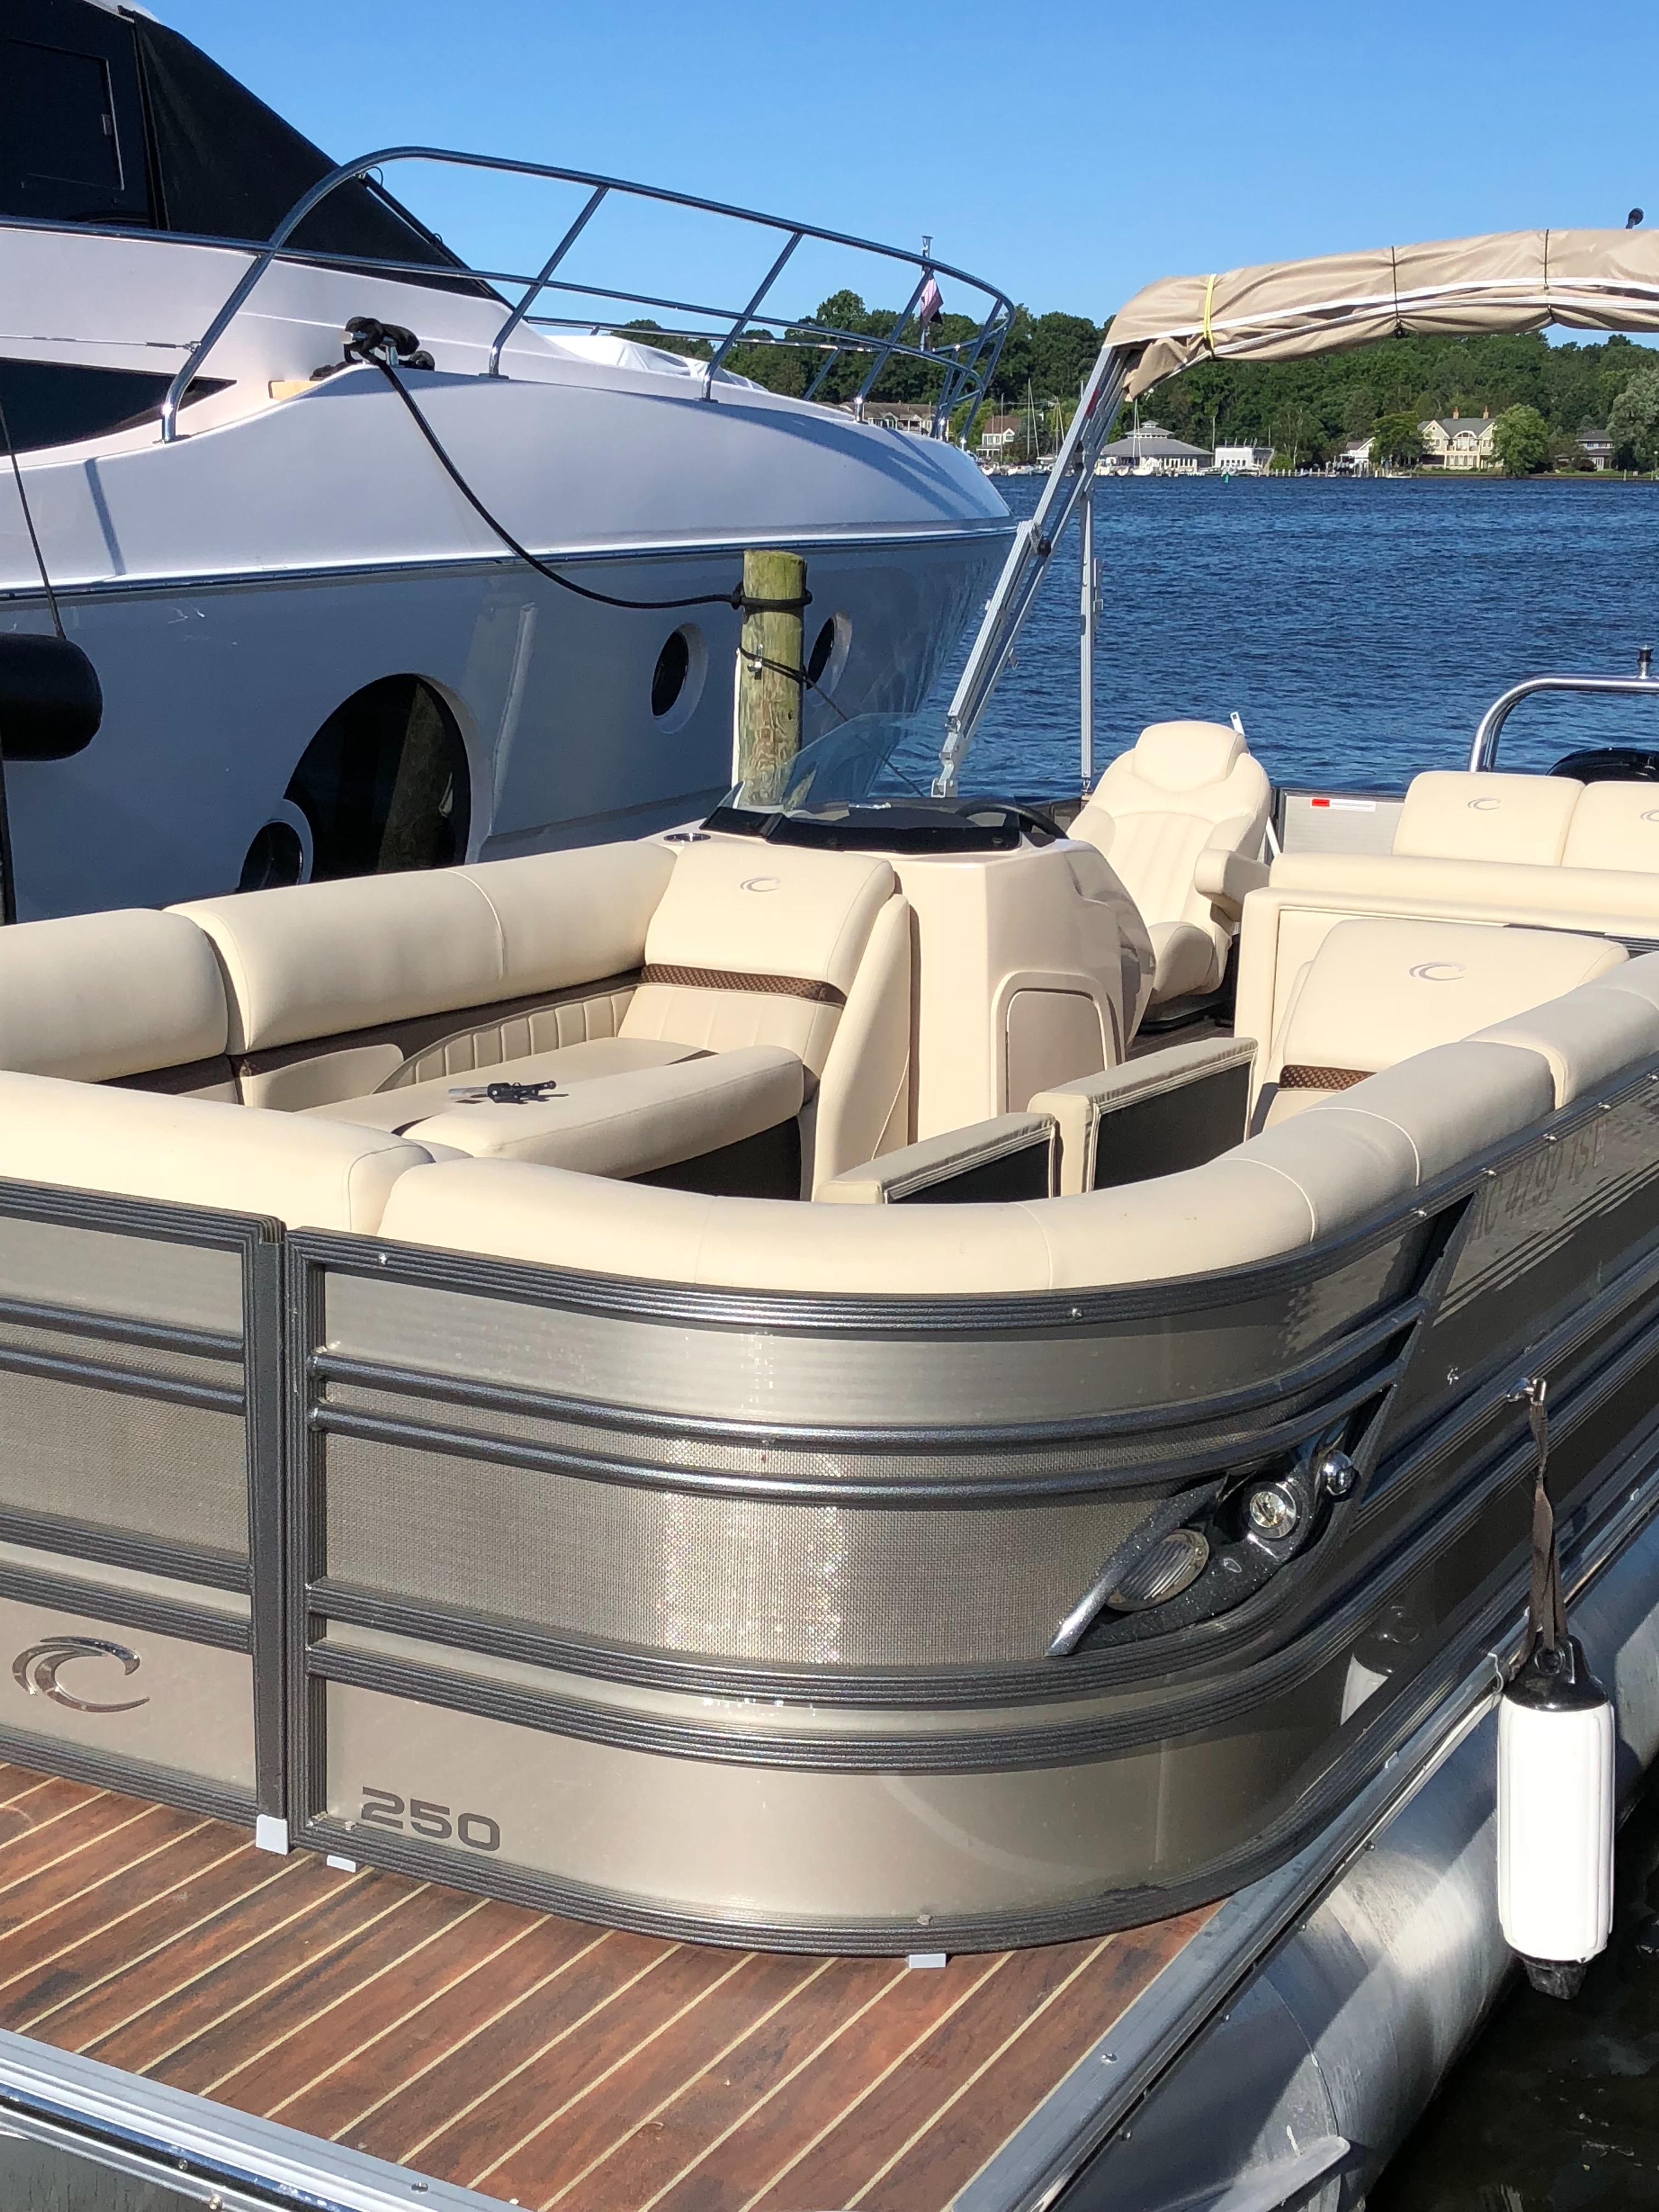 Used 2015 Crest Pontoon Boats 250 Saugatuck Mi 49453